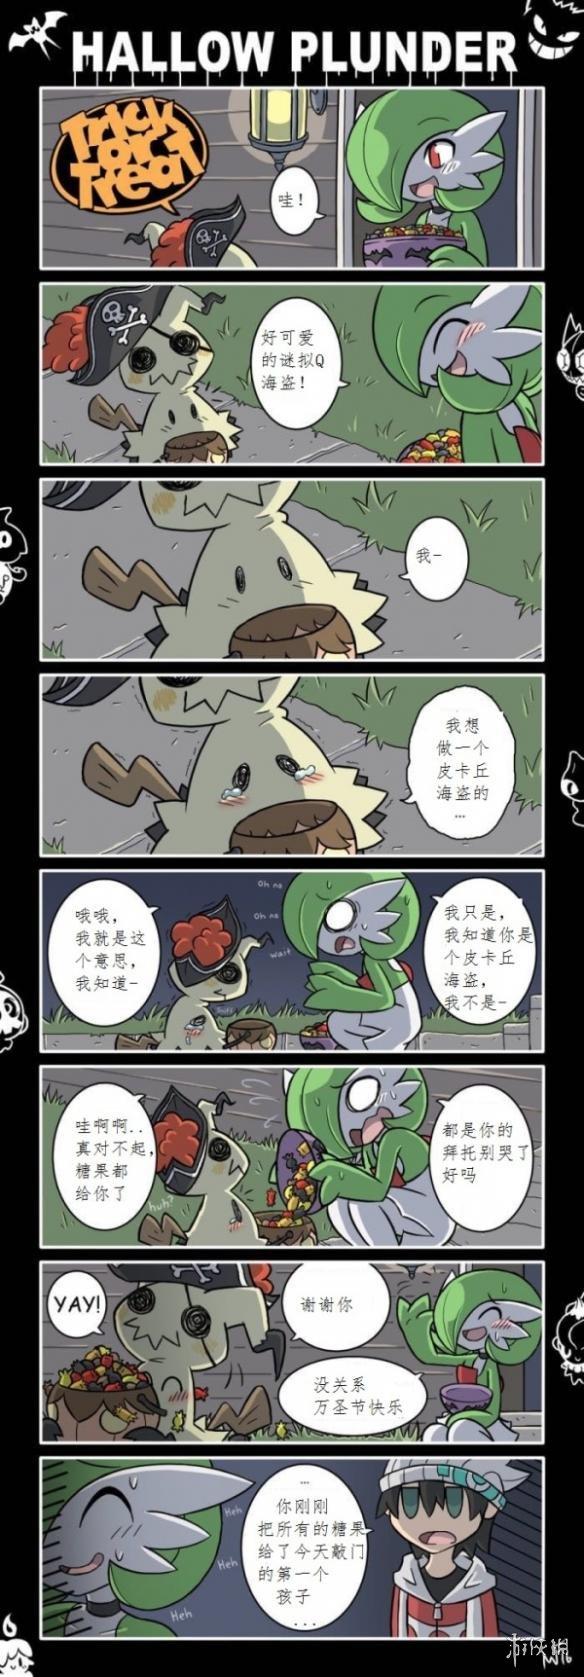 上海有漫画所以我选a漫画暴走好处大合集画图铁壁漫图片